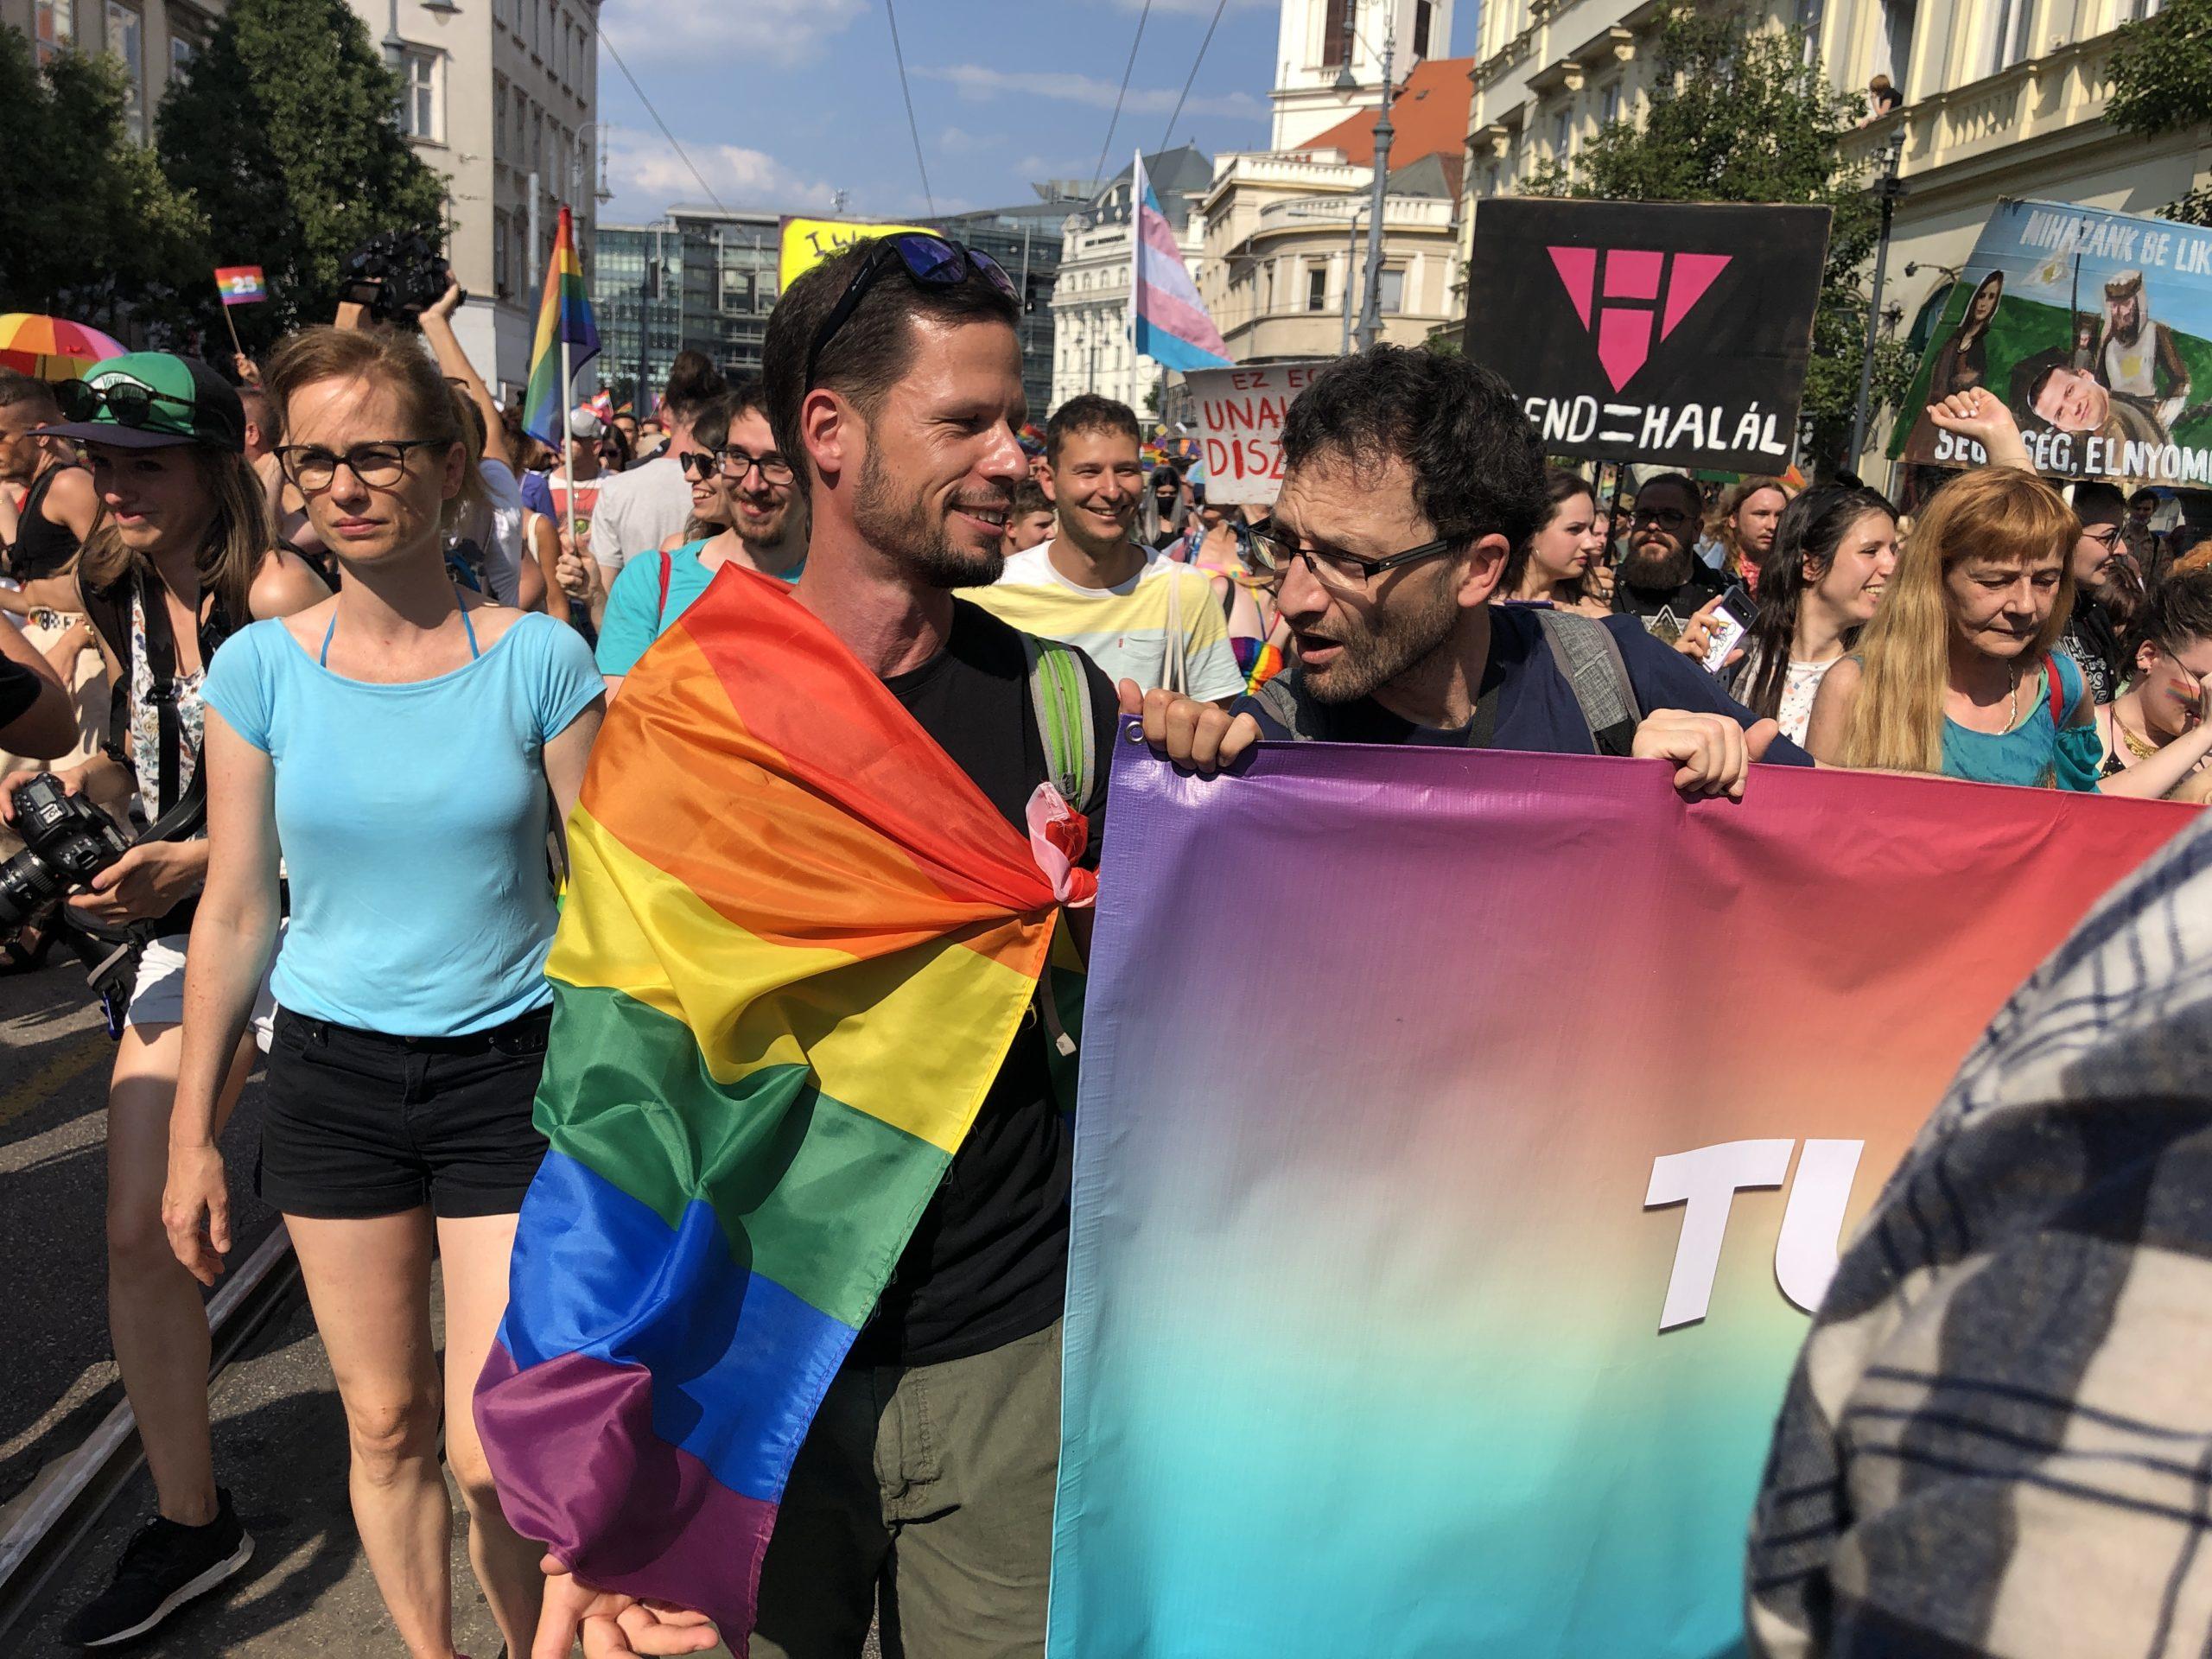 Tordai Bence - Párbeszéd Magyarországért, Budapest Pride 2021